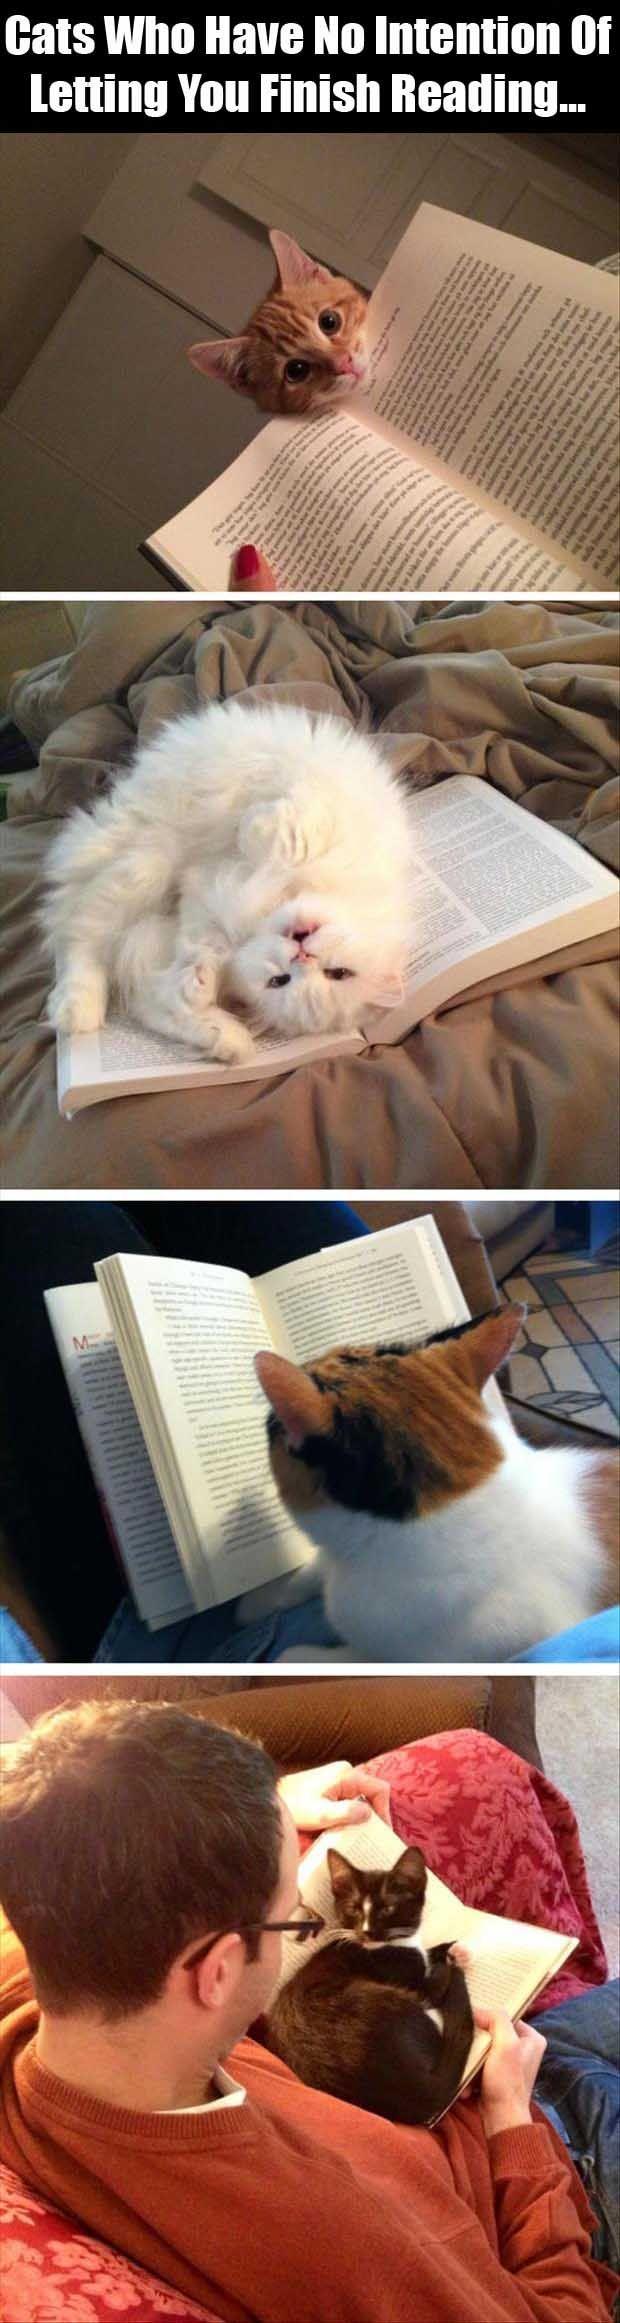 No vas a leer más.